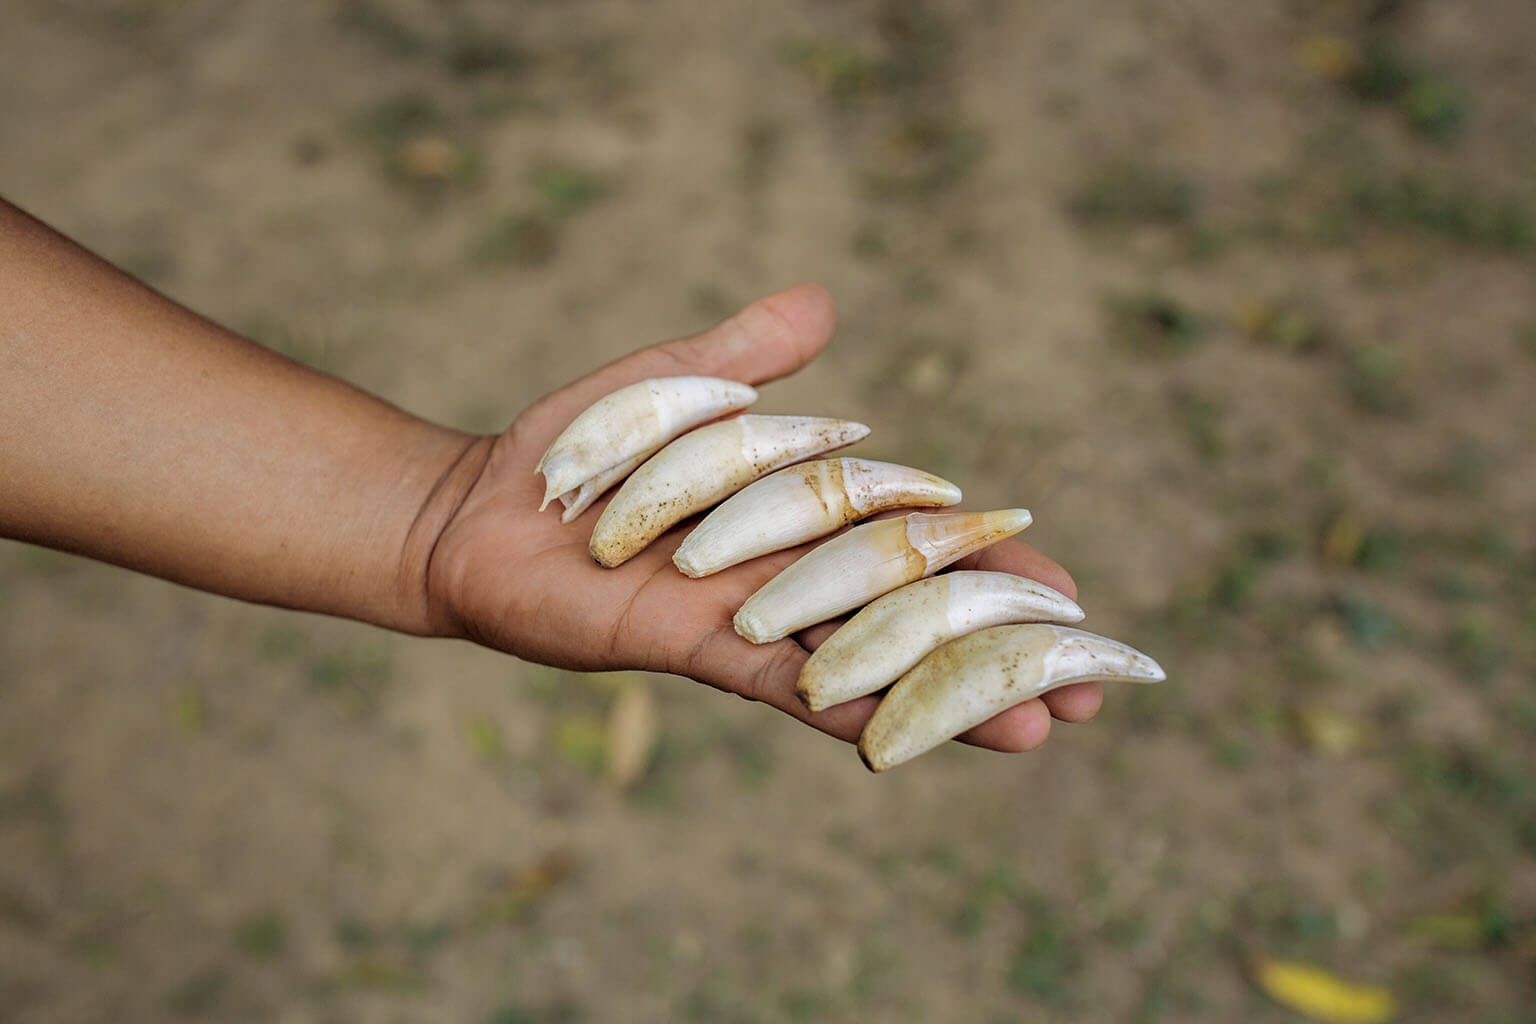 在中國,美洲豹的牙齒可能是老虎牙齒的替代品,它們被做成項鍊戴在身上,象徵身分地位,或者為配戴者消災解厄。 攝影:克里斯欽.羅德里奎茲 CHRISTIAN RODRIGUEZ